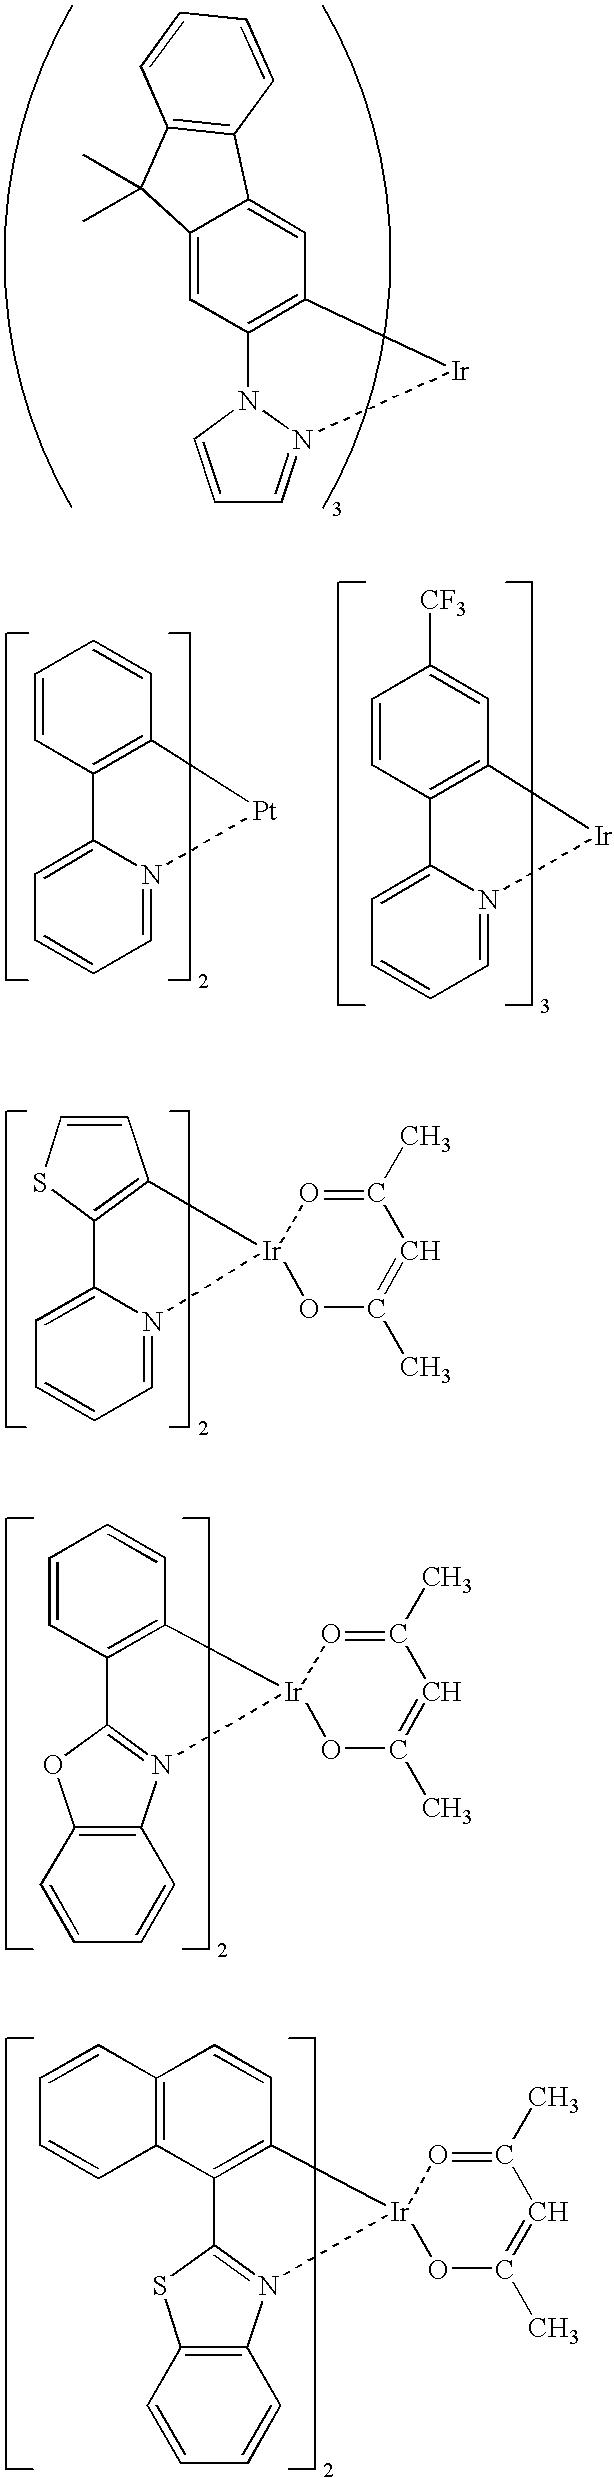 Figure US08779655-20140715-C00018